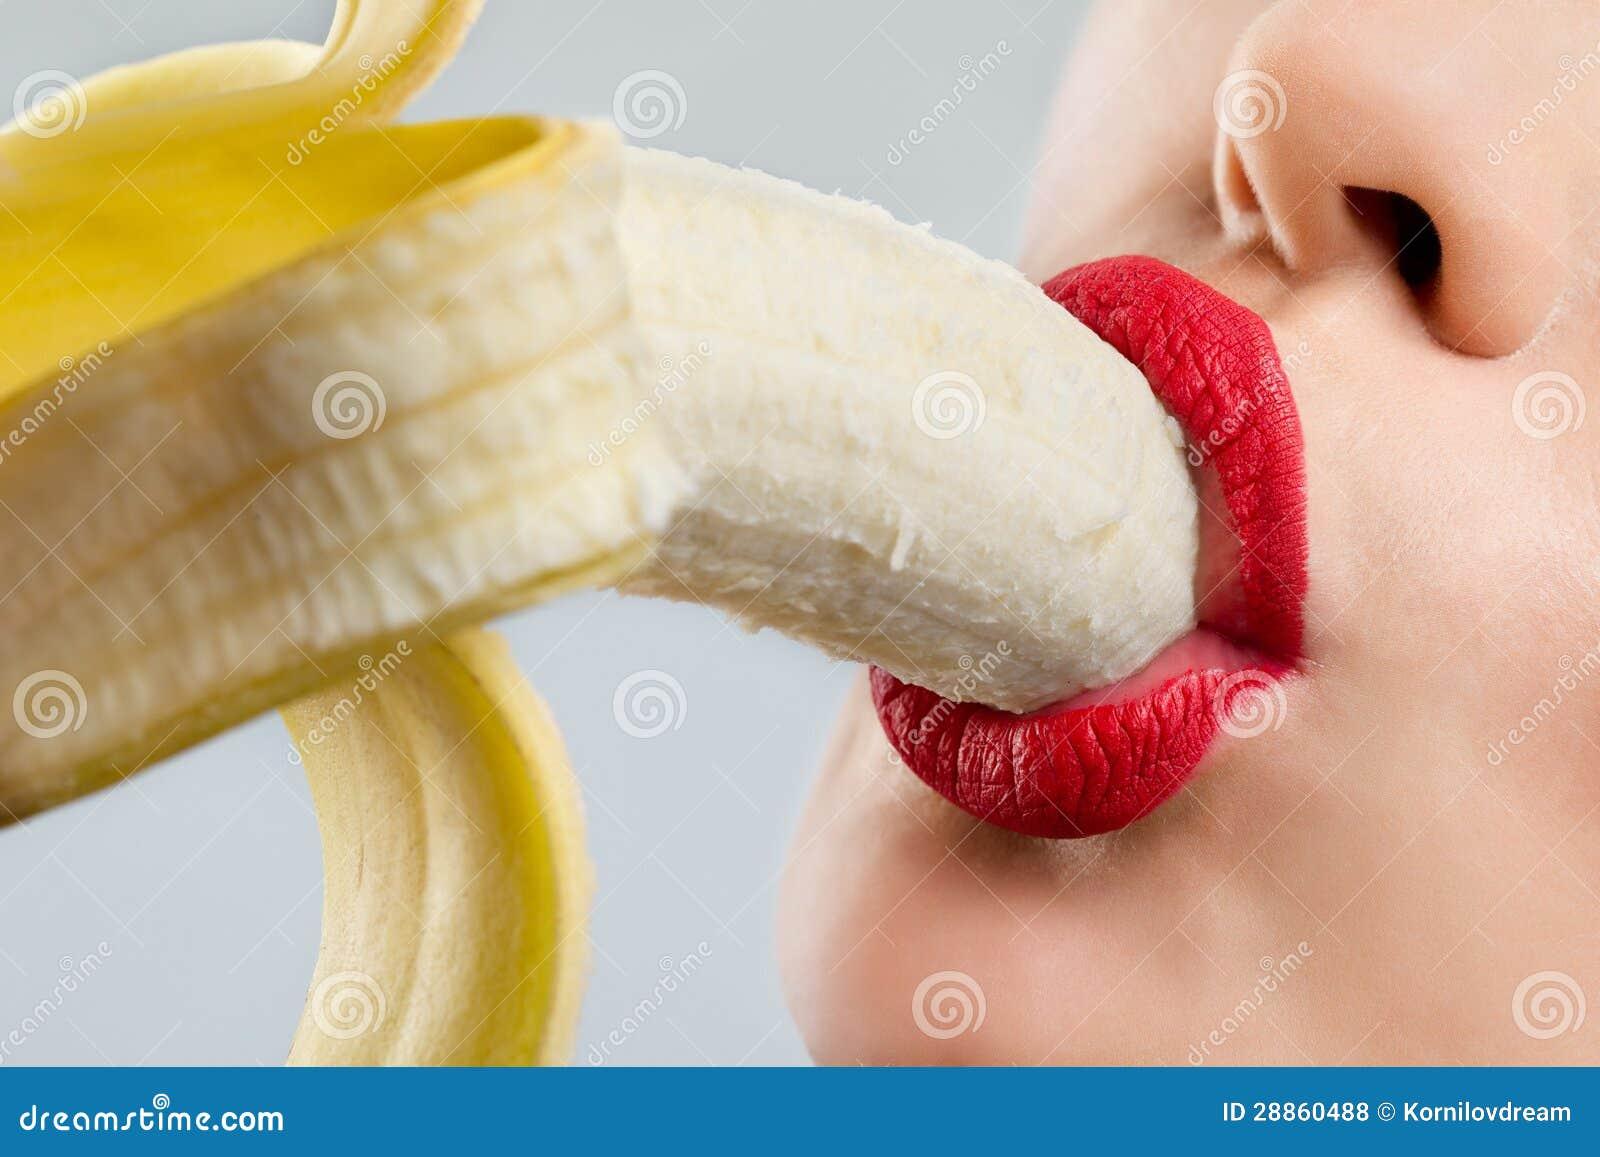 Banane Blasen